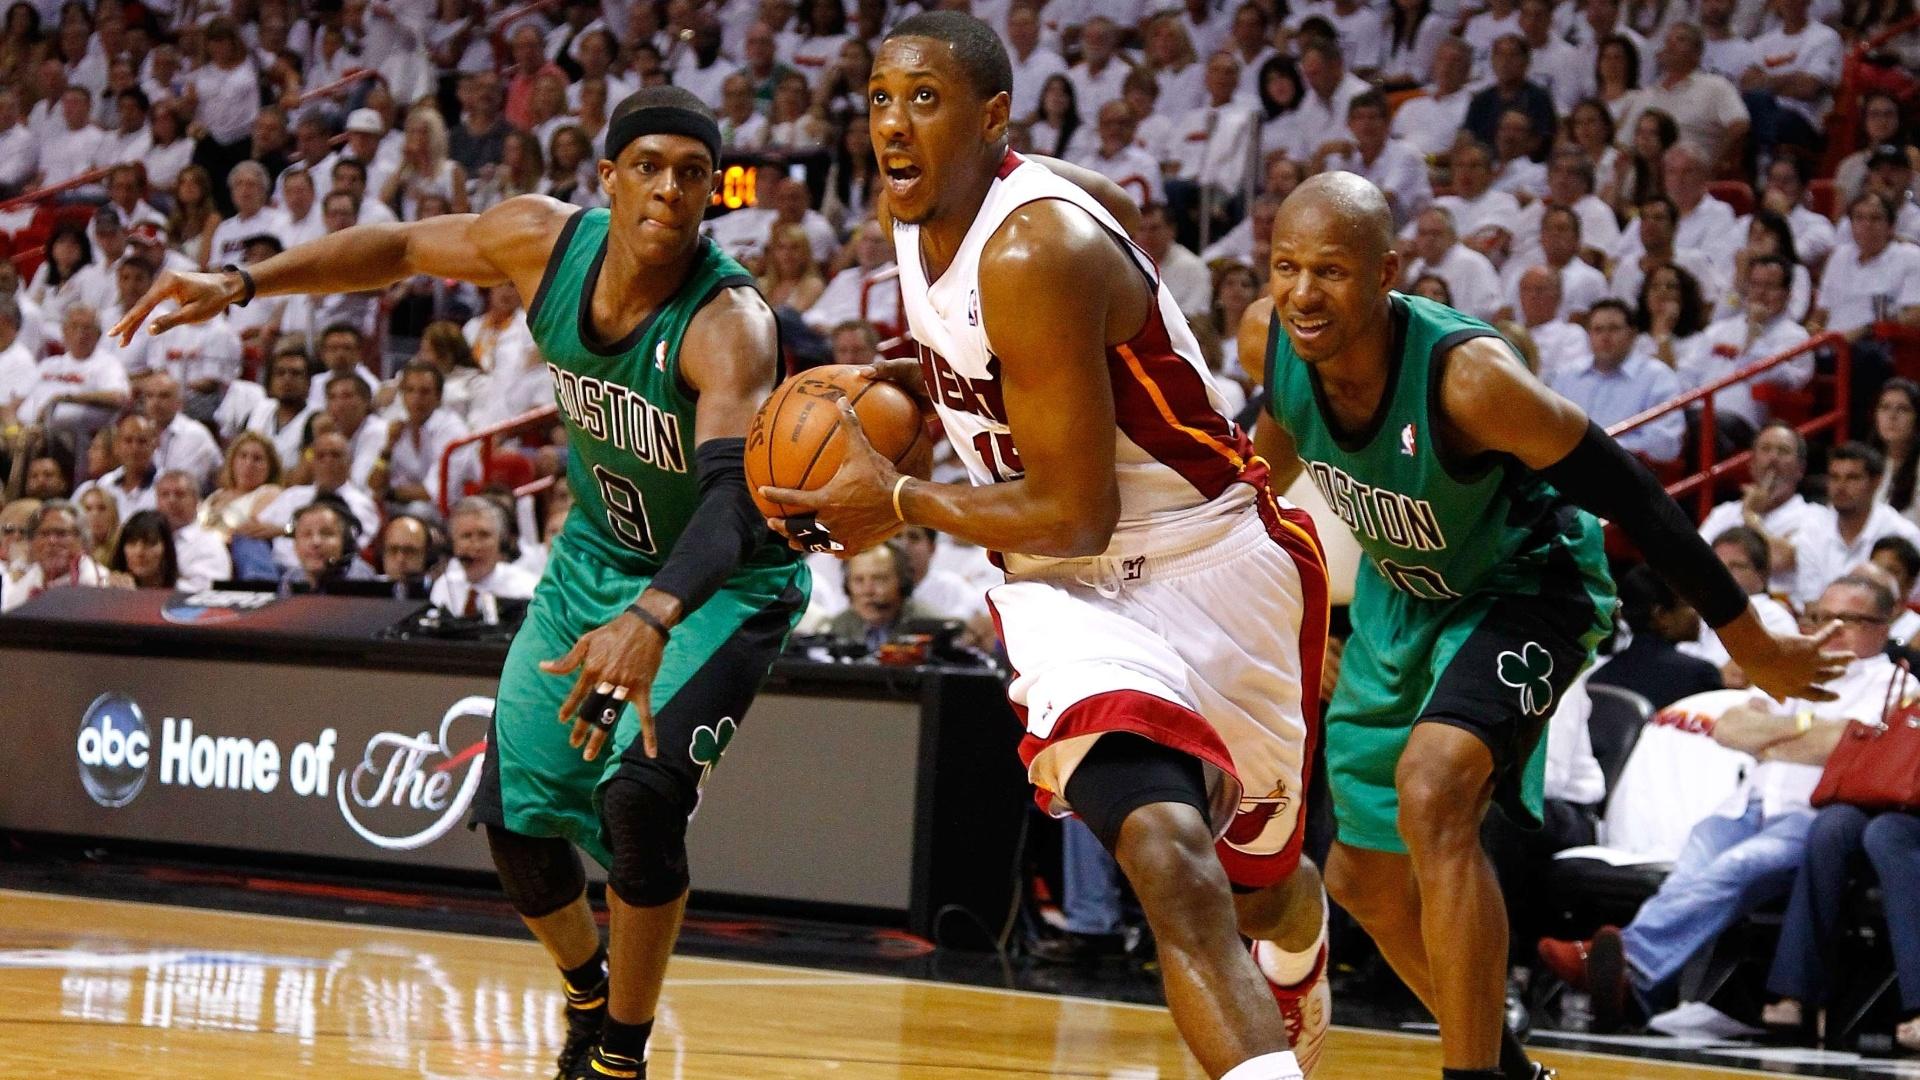 'Rio já não ouve mais tantos gritos assim de Wade ou LeBron